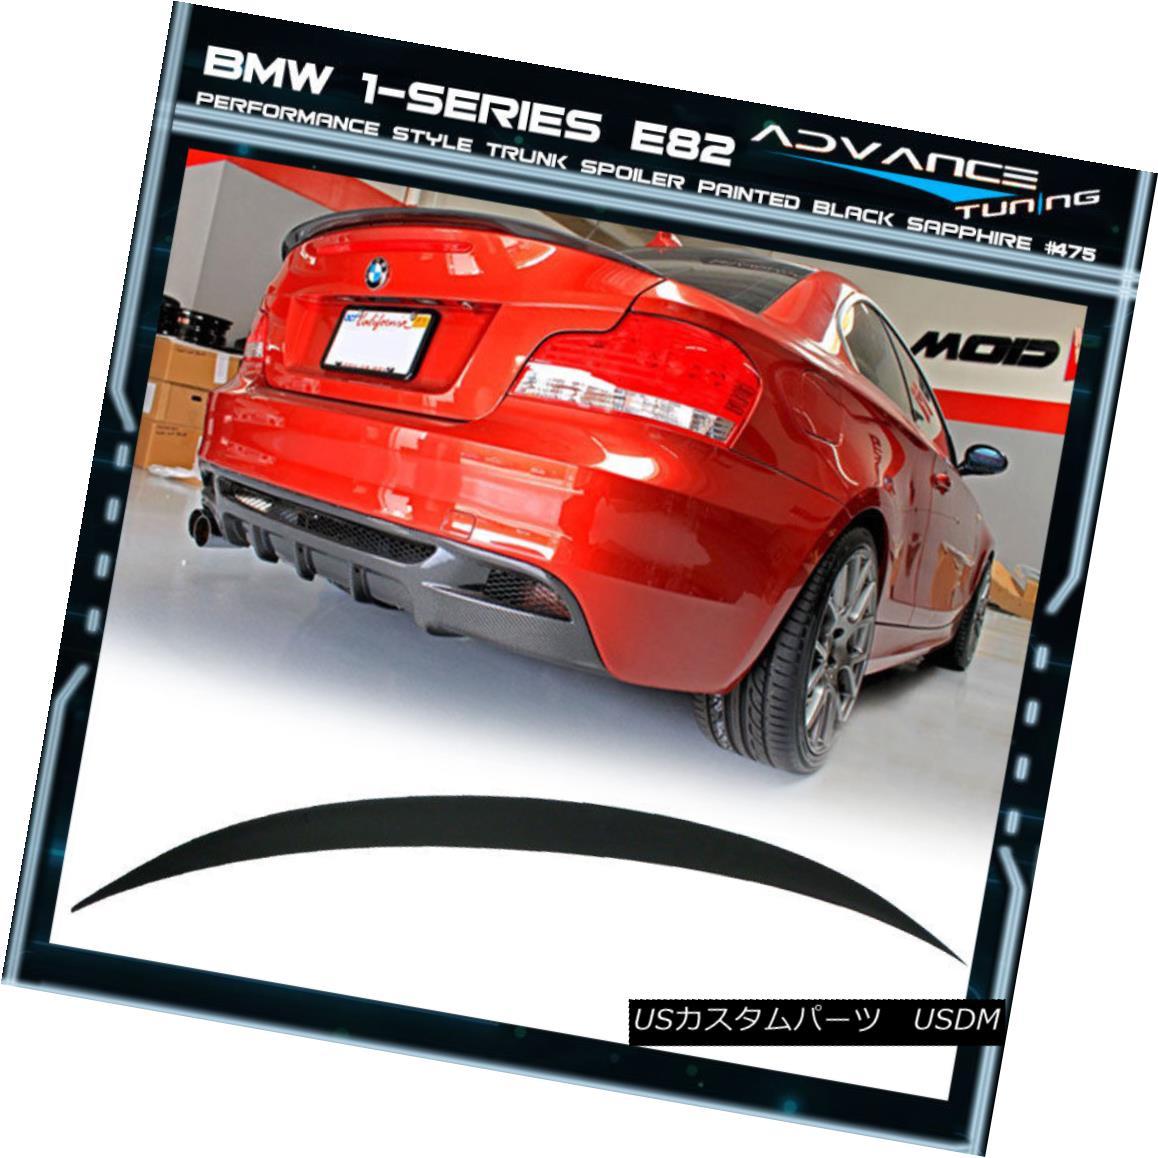 エアロパーツ 07-13 1 Series E82 2D OEM Painted Color Black Sapphire #475 P Trunk Spoiler 07-13 1 E82 2D OEM塗装カラーブラックサファイア#475 Pトランク・スポイラー